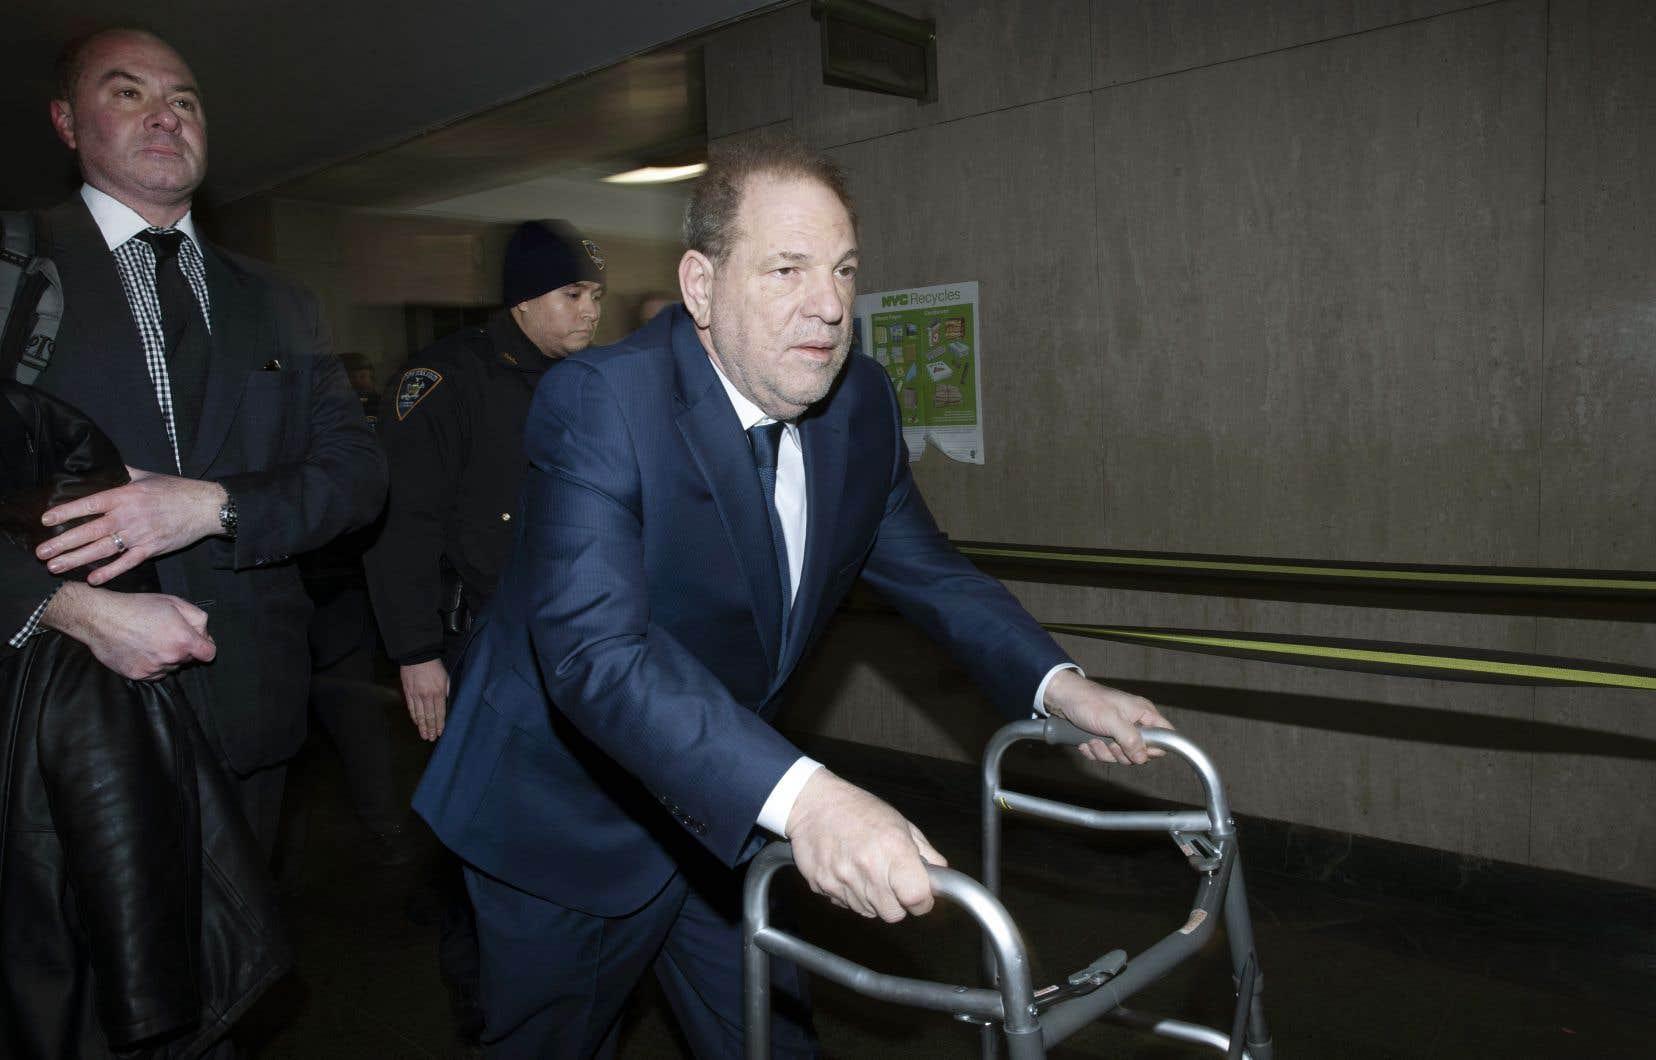 La sélection du jury pour le procès de Harvey Weinstein se poursuit.